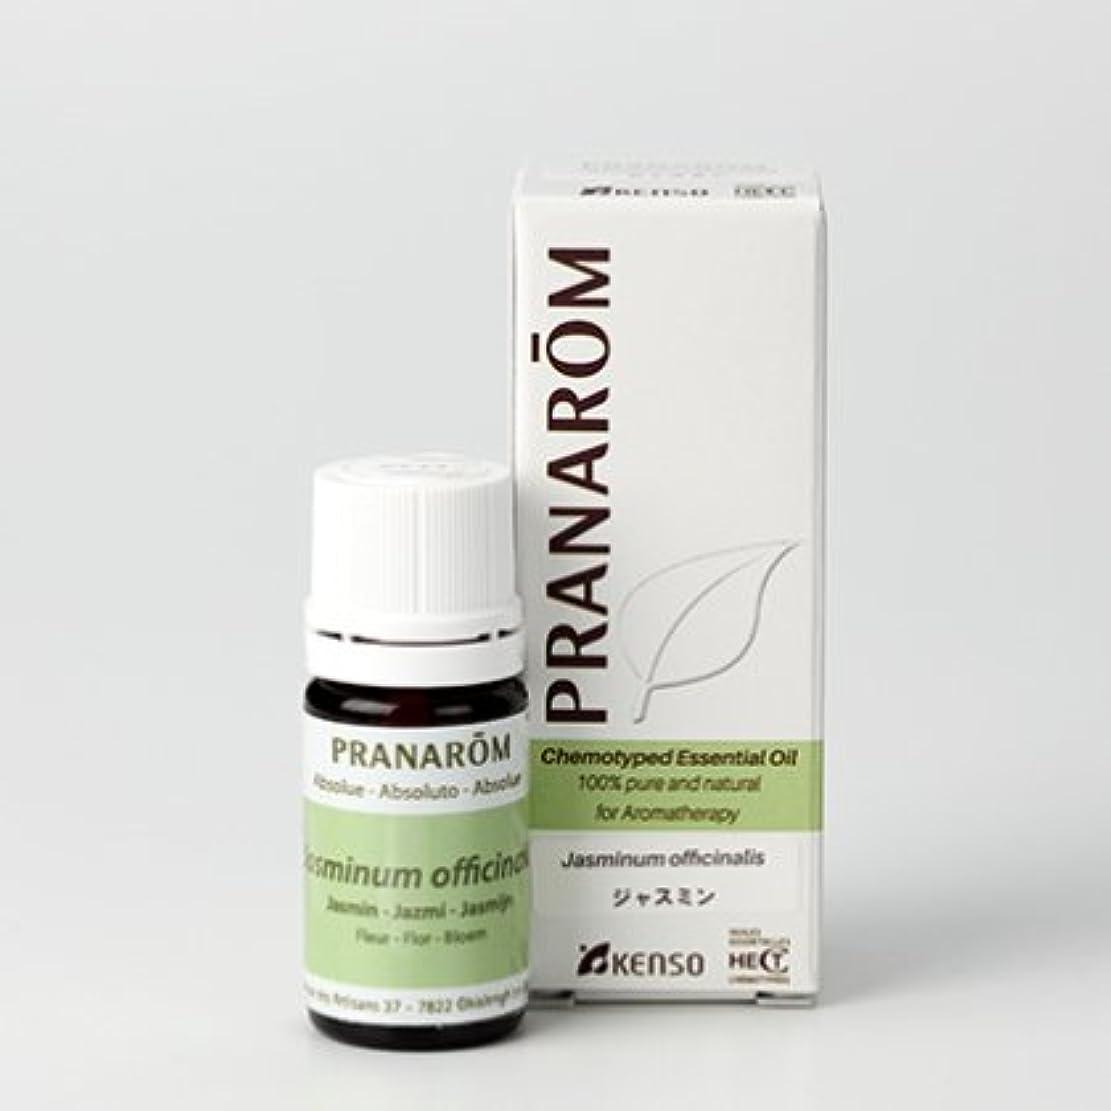 小石減衰答えジャスミン 5mlミドルノート プラナロム社エッセンシャルオイル(精油)